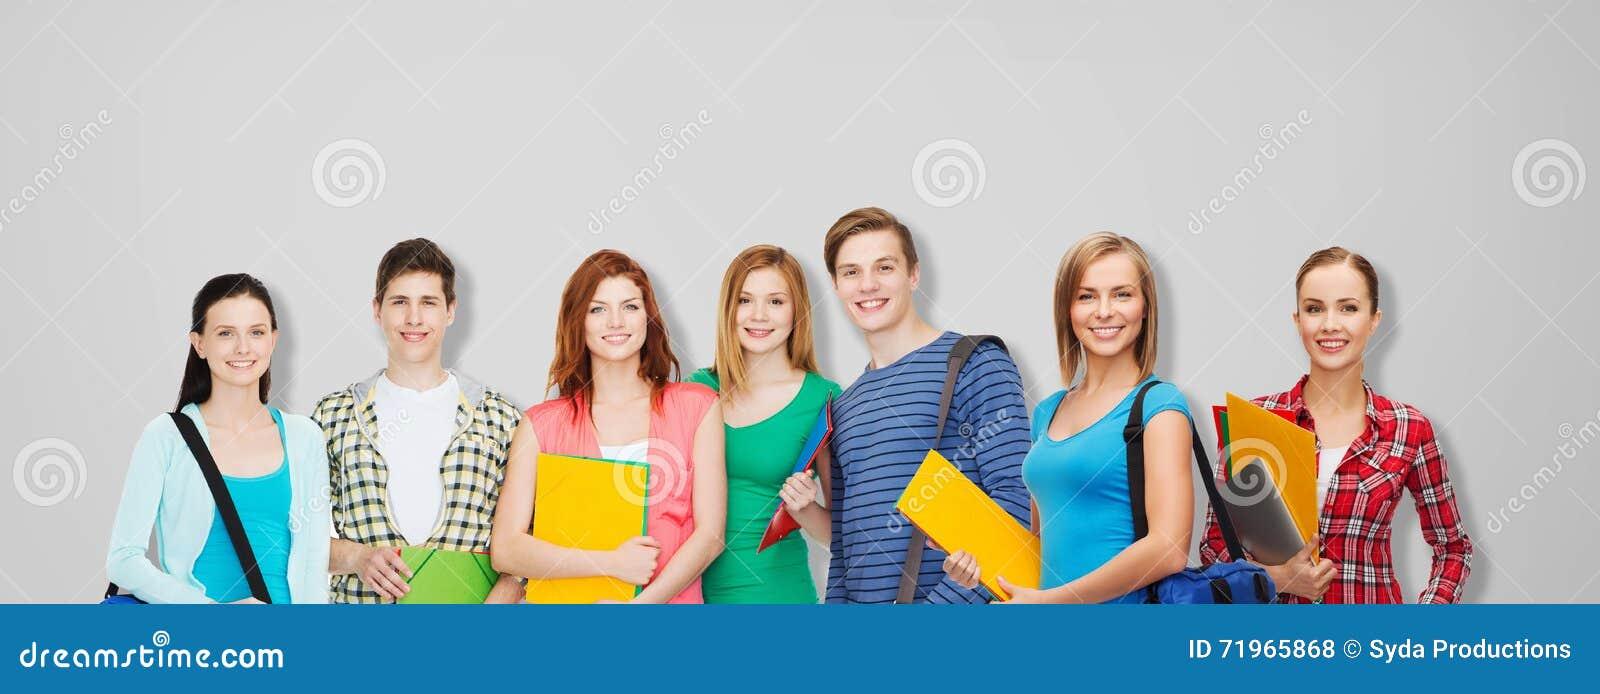 Groupe d étudiants adolescents avec des dossiers et des sacs